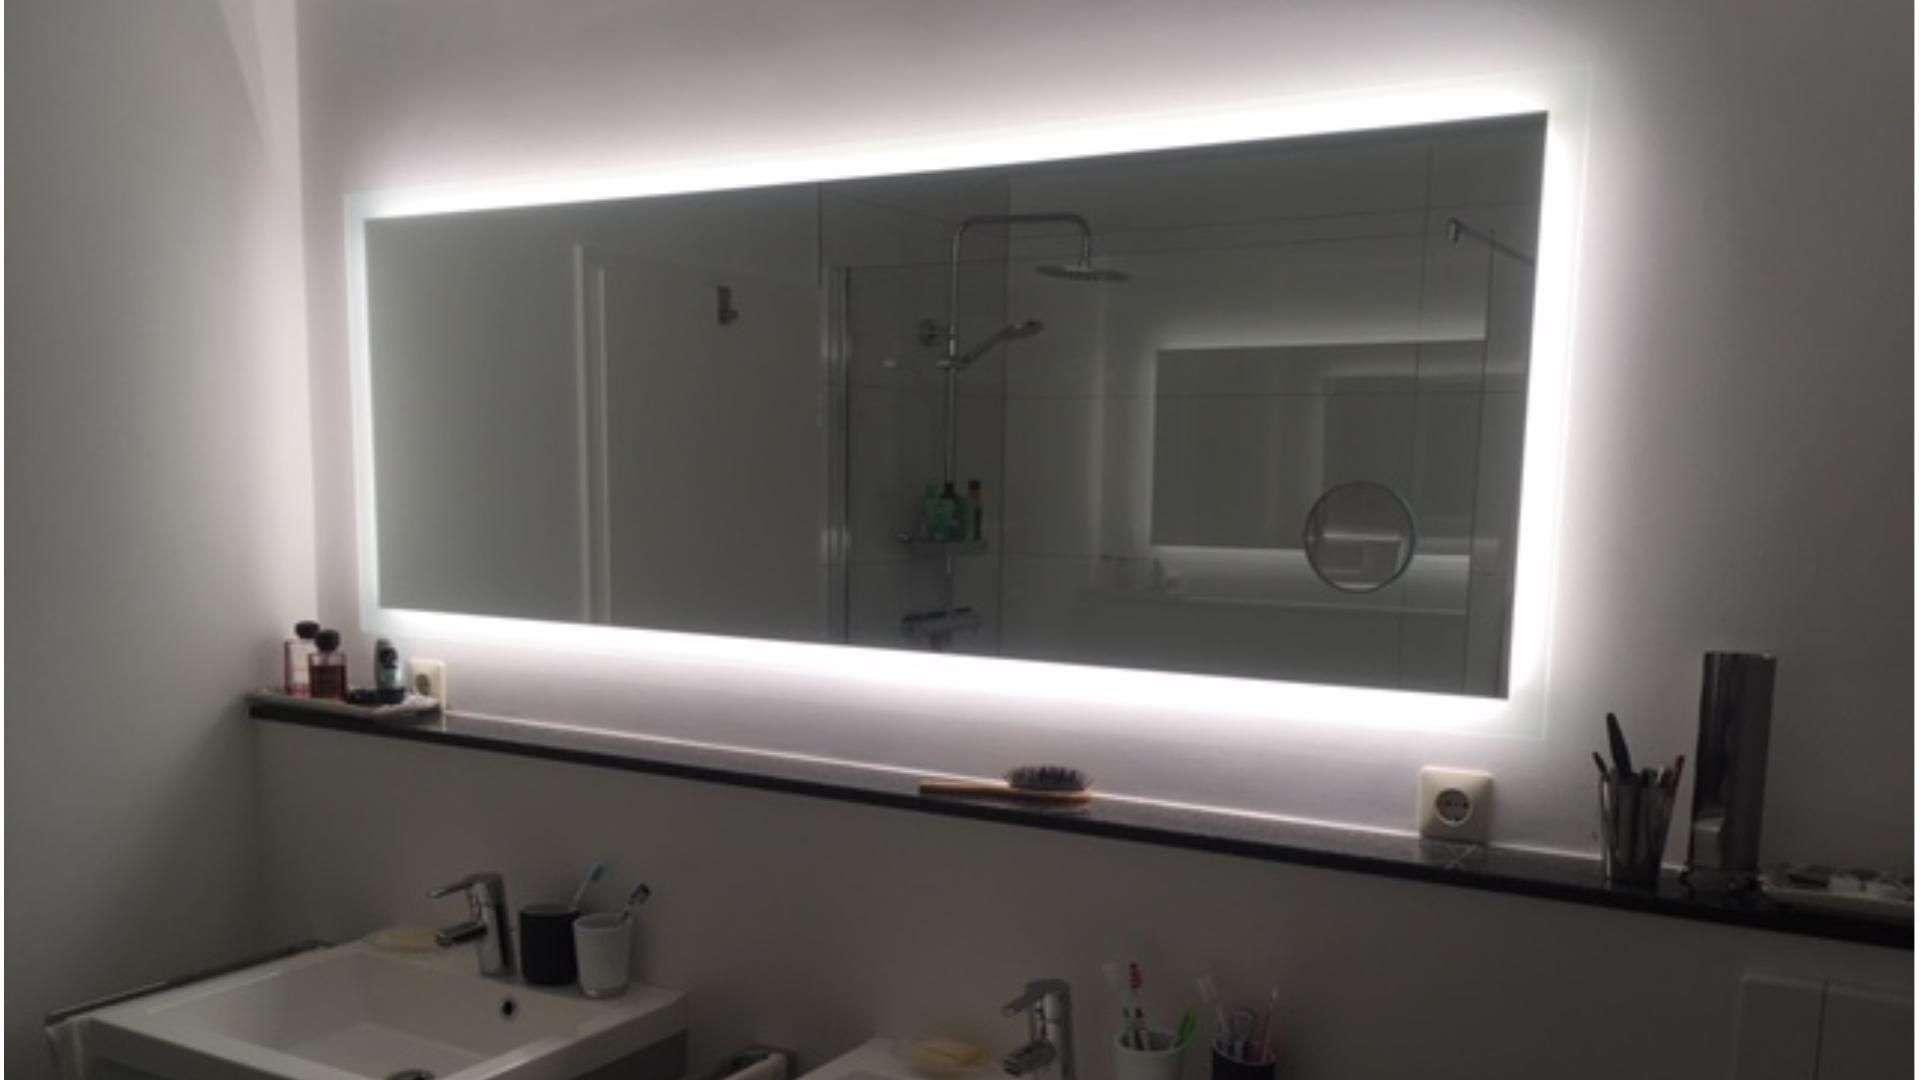 beleuchteter Badezimmer-Spiegel über zwei Waschbecken